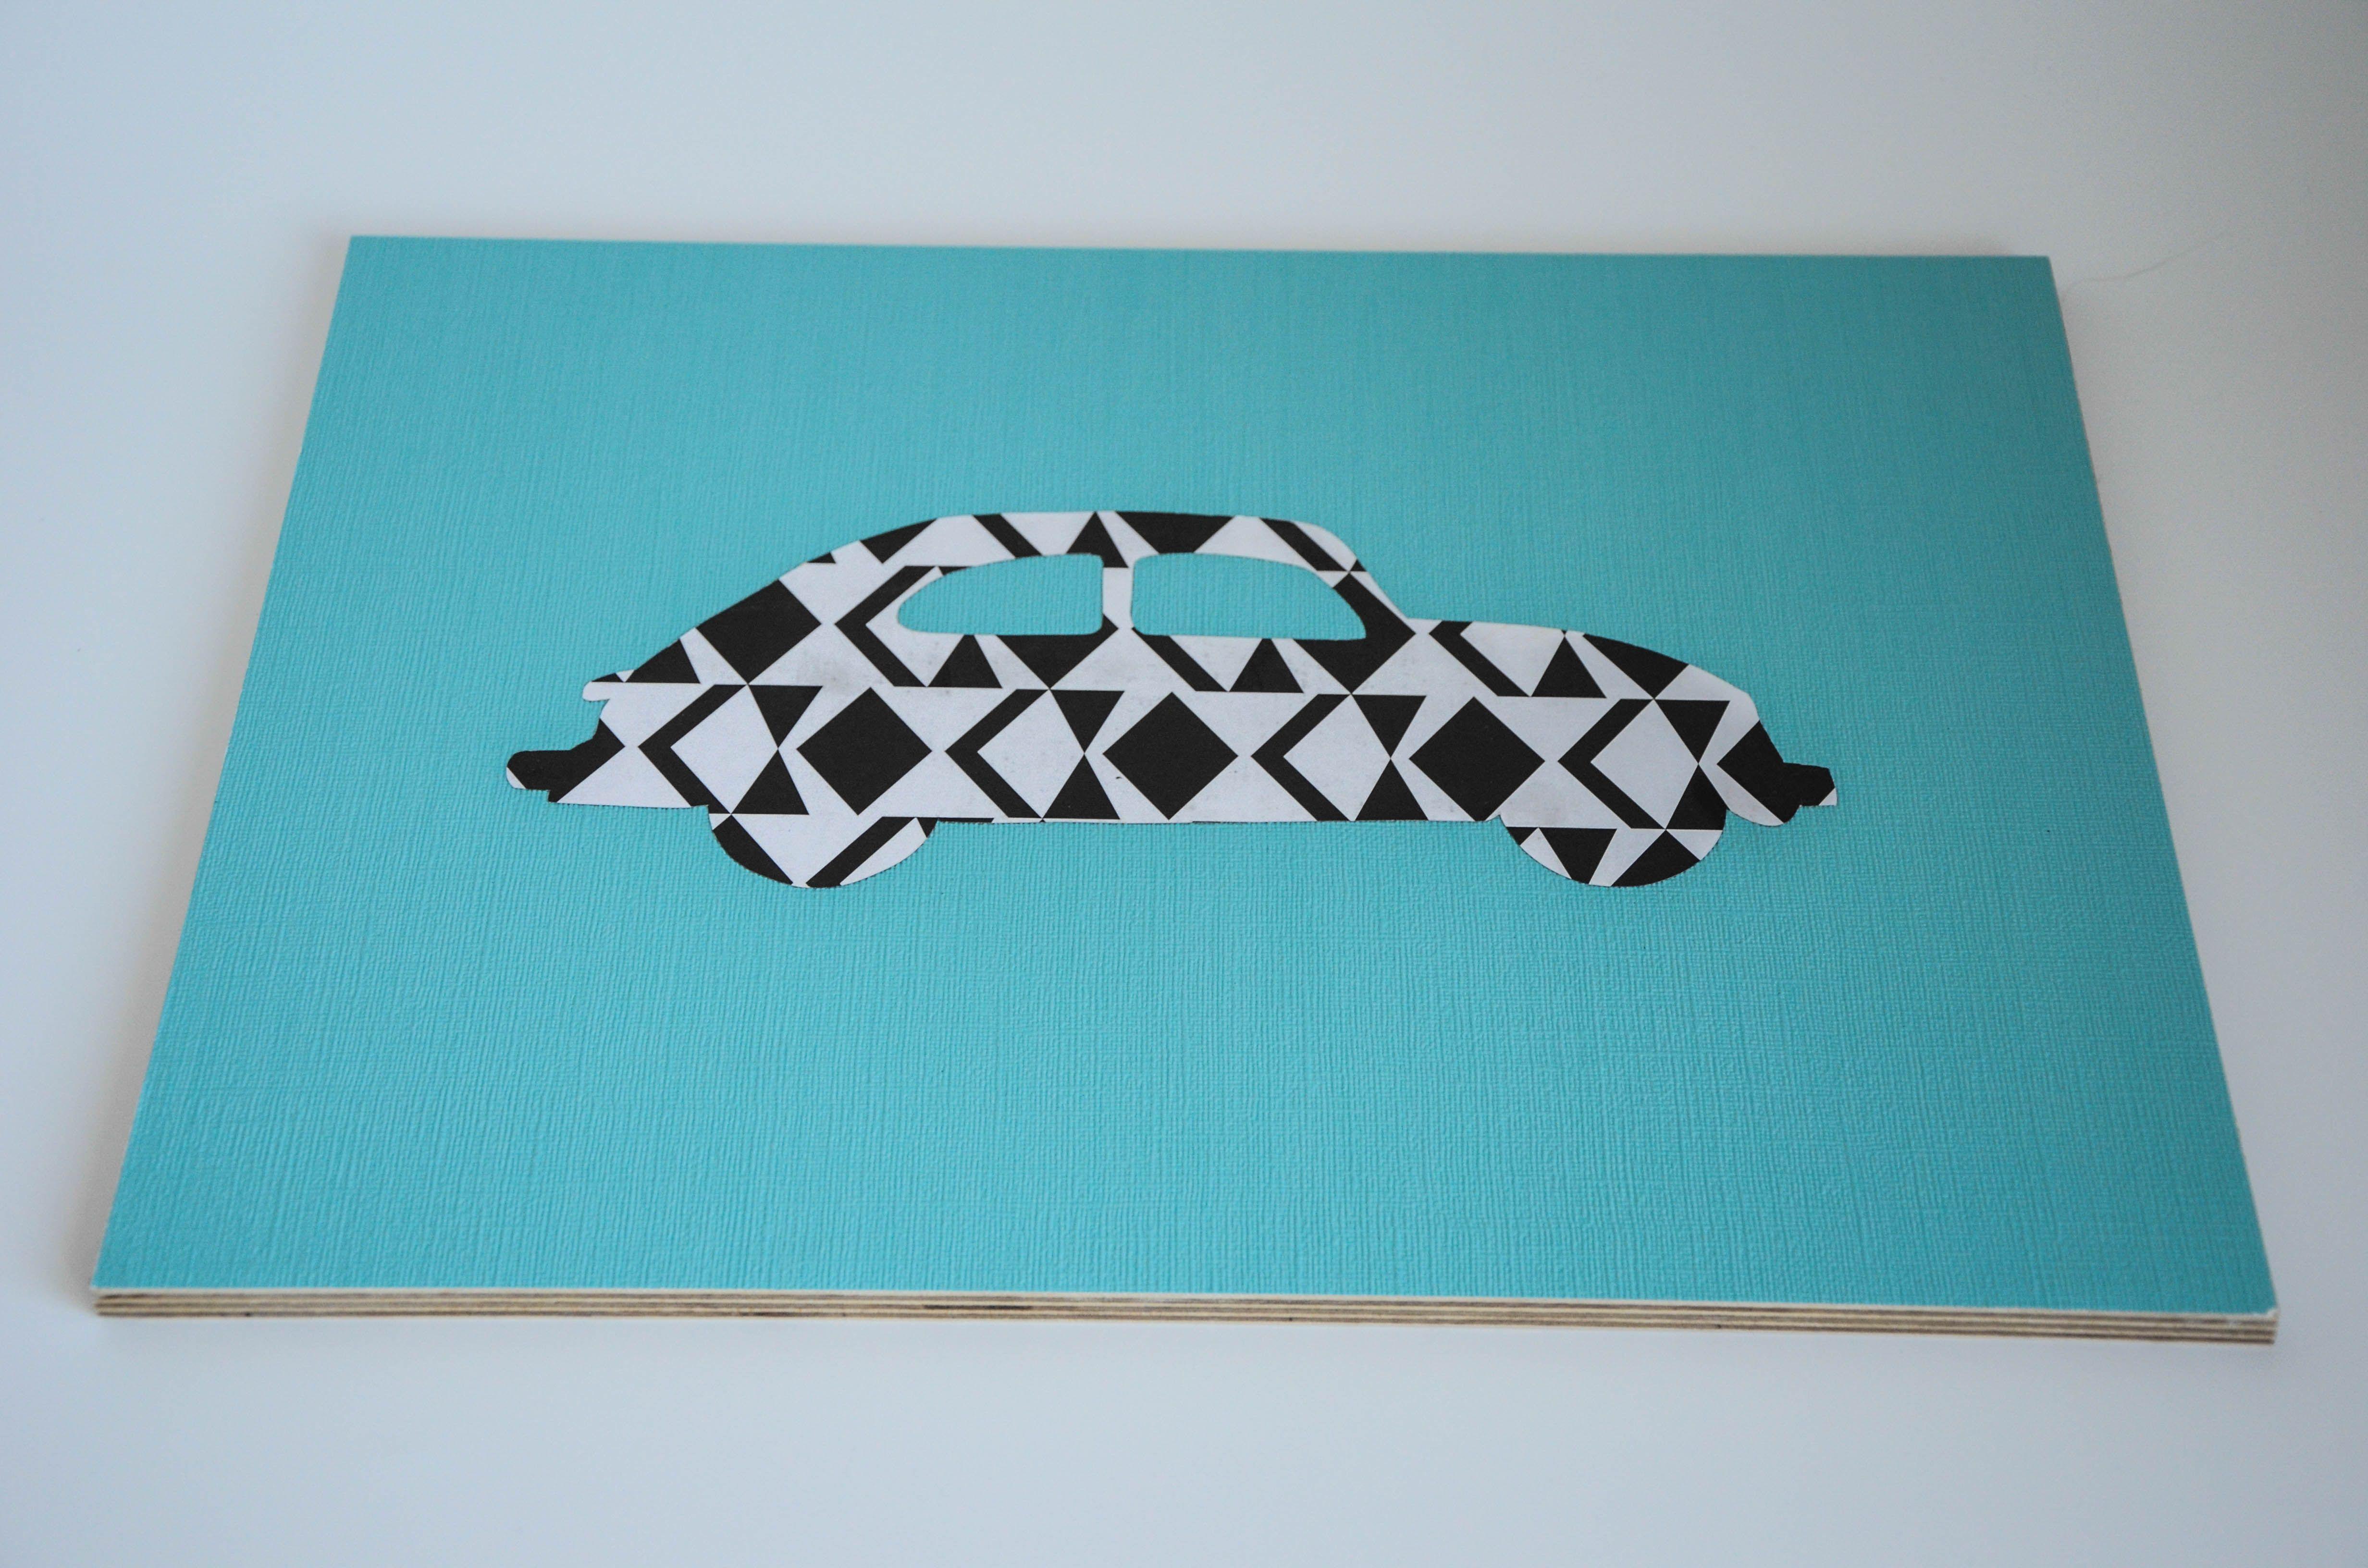 Großes Bild, Tapete auf Mehrschichtholzplatte, 40x30cm #Auto #türkis ...